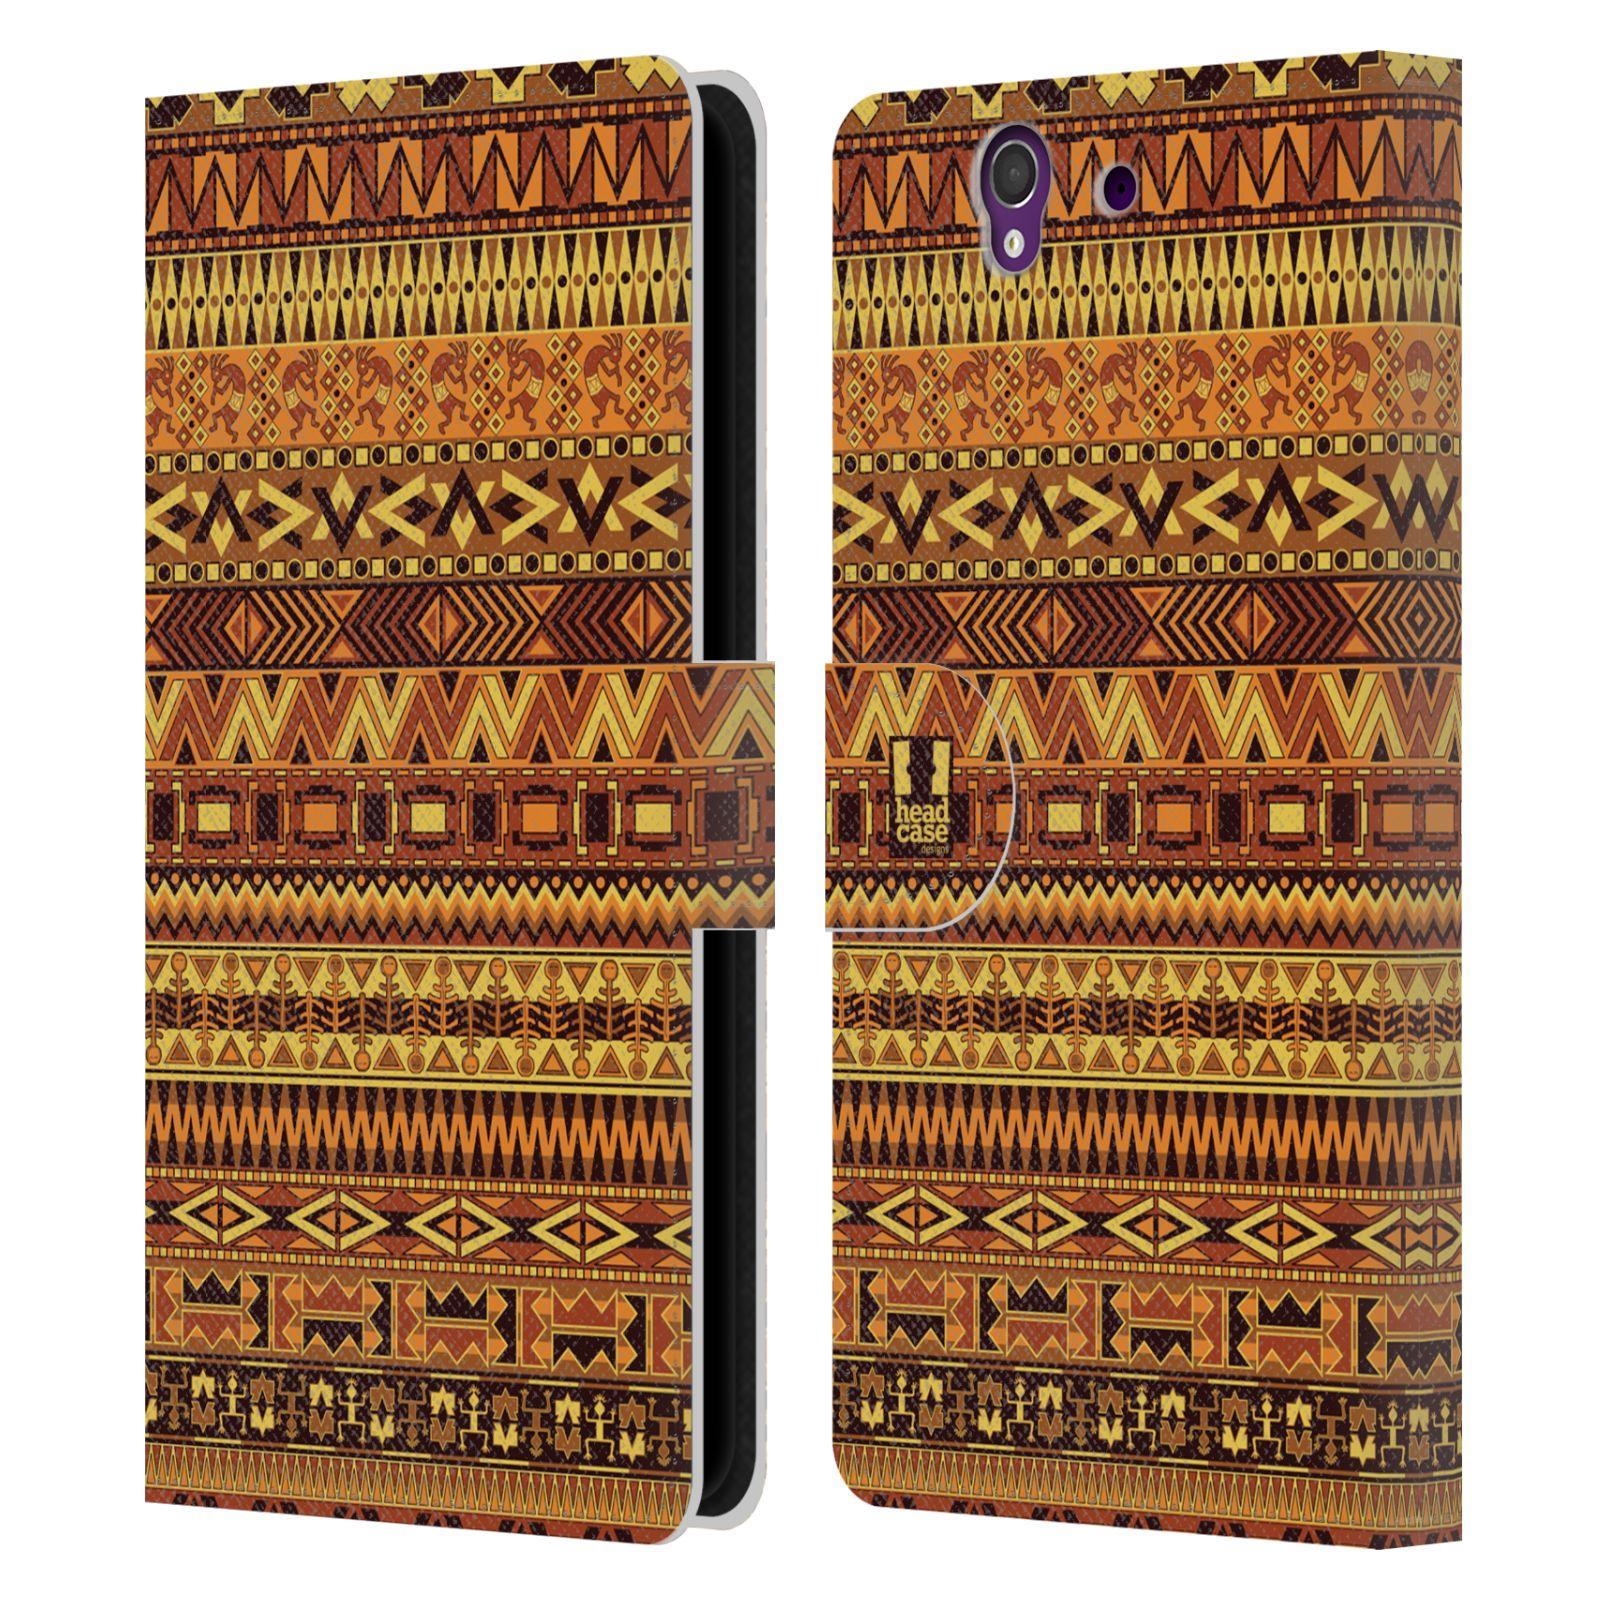 HEAD CASE Flipové pouzdro pro mobil SONY XPERIA Z (C6603) Indiánský vzor YELLOW žlutá